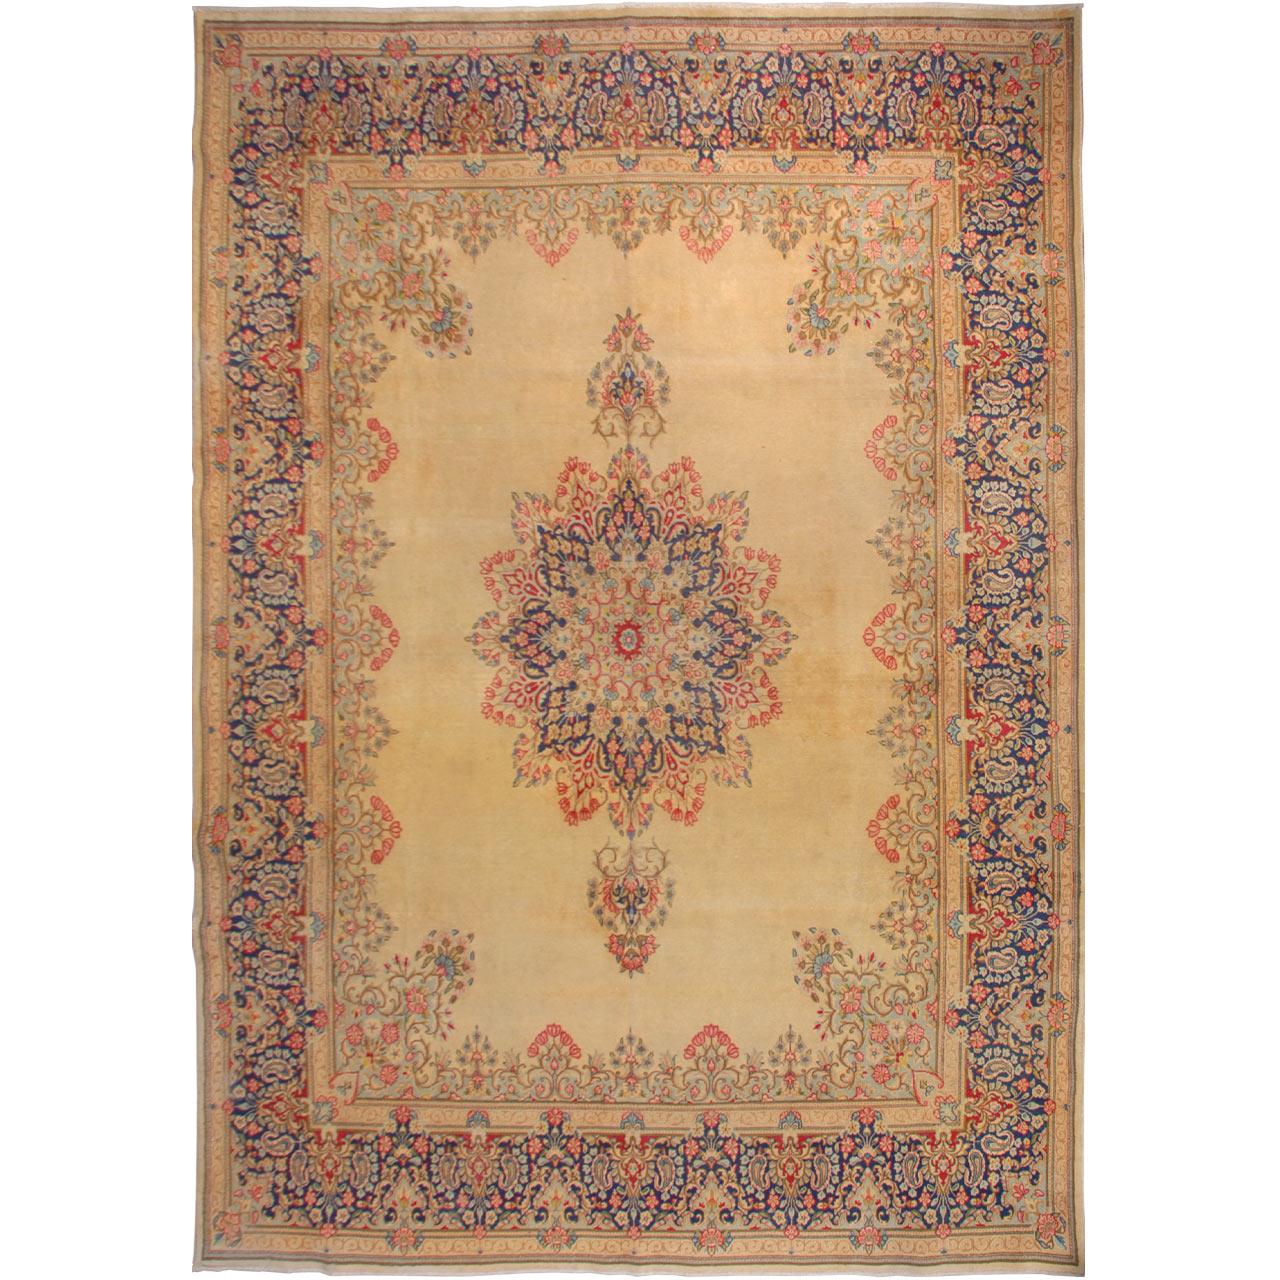 فرش قدیمی دستبافت هشت متری فرش هریس کد 101469